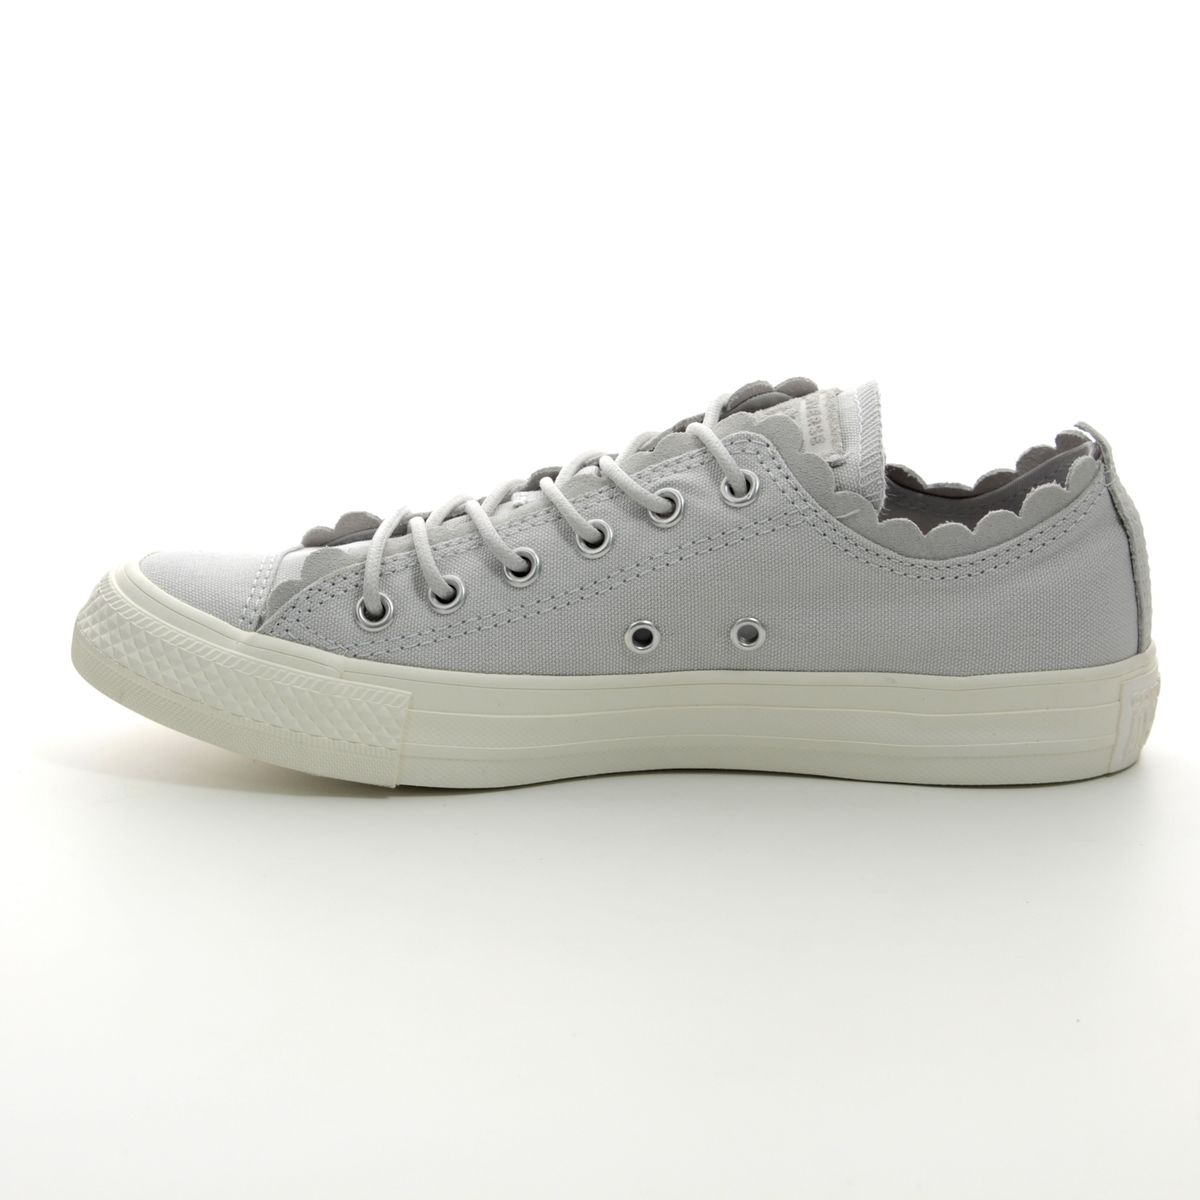 21d51f4f14bd Converse Trainers - Light Grey - 564112C ALL STAR FRILLS